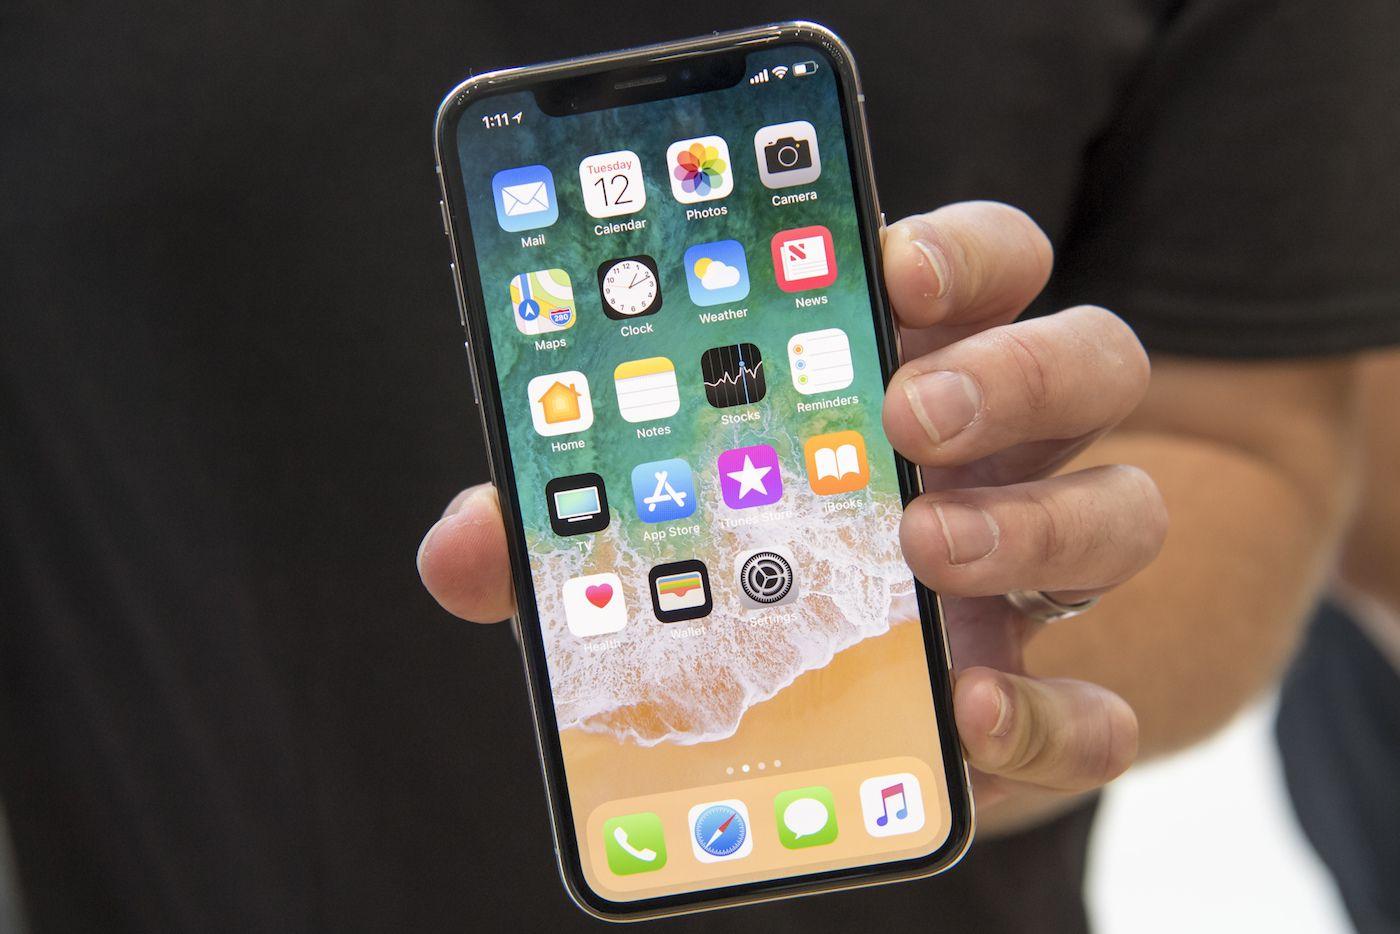 Iphone X Les Ecrans De Verrouillage Et Daccueil Devoiles Avec Des Videos Pour Expliquer Le Fonctionnement Hacks Iphone Iphone Smartphone